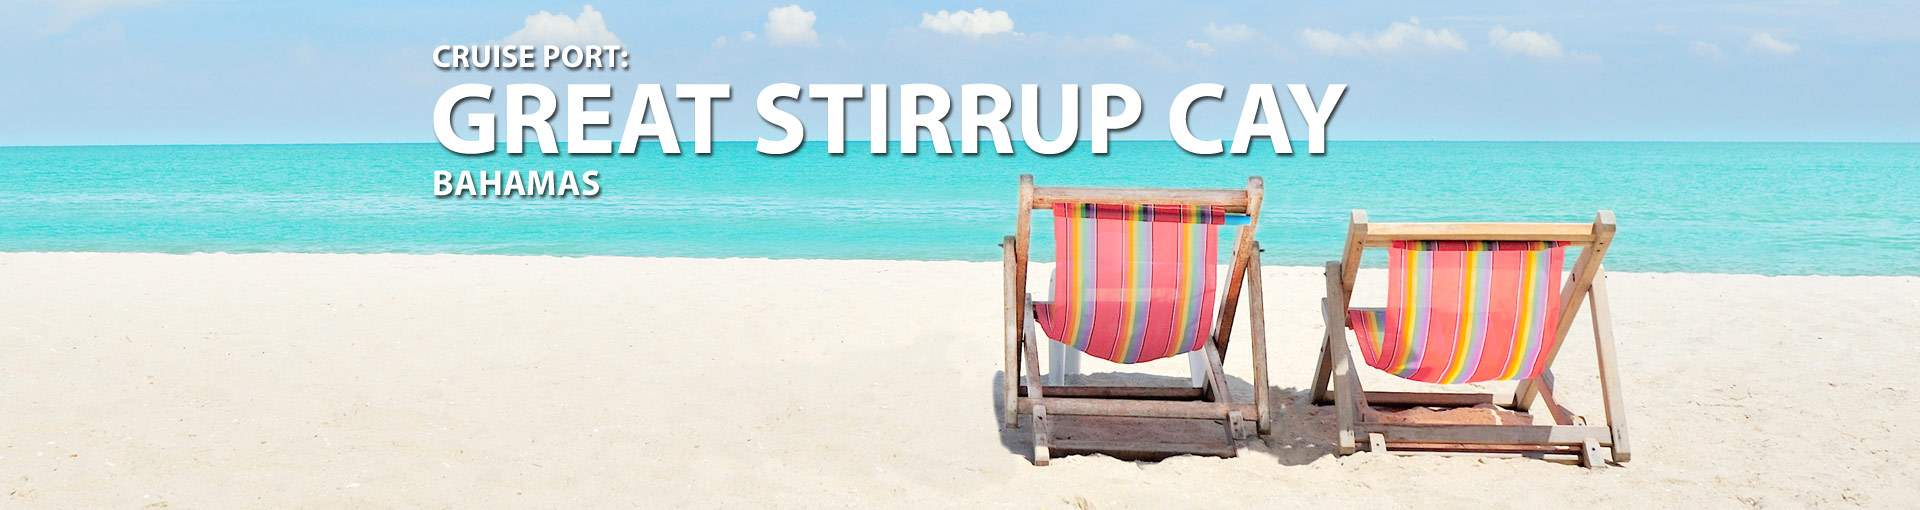 Cruises to Great Stirrup Cay, Bahamas